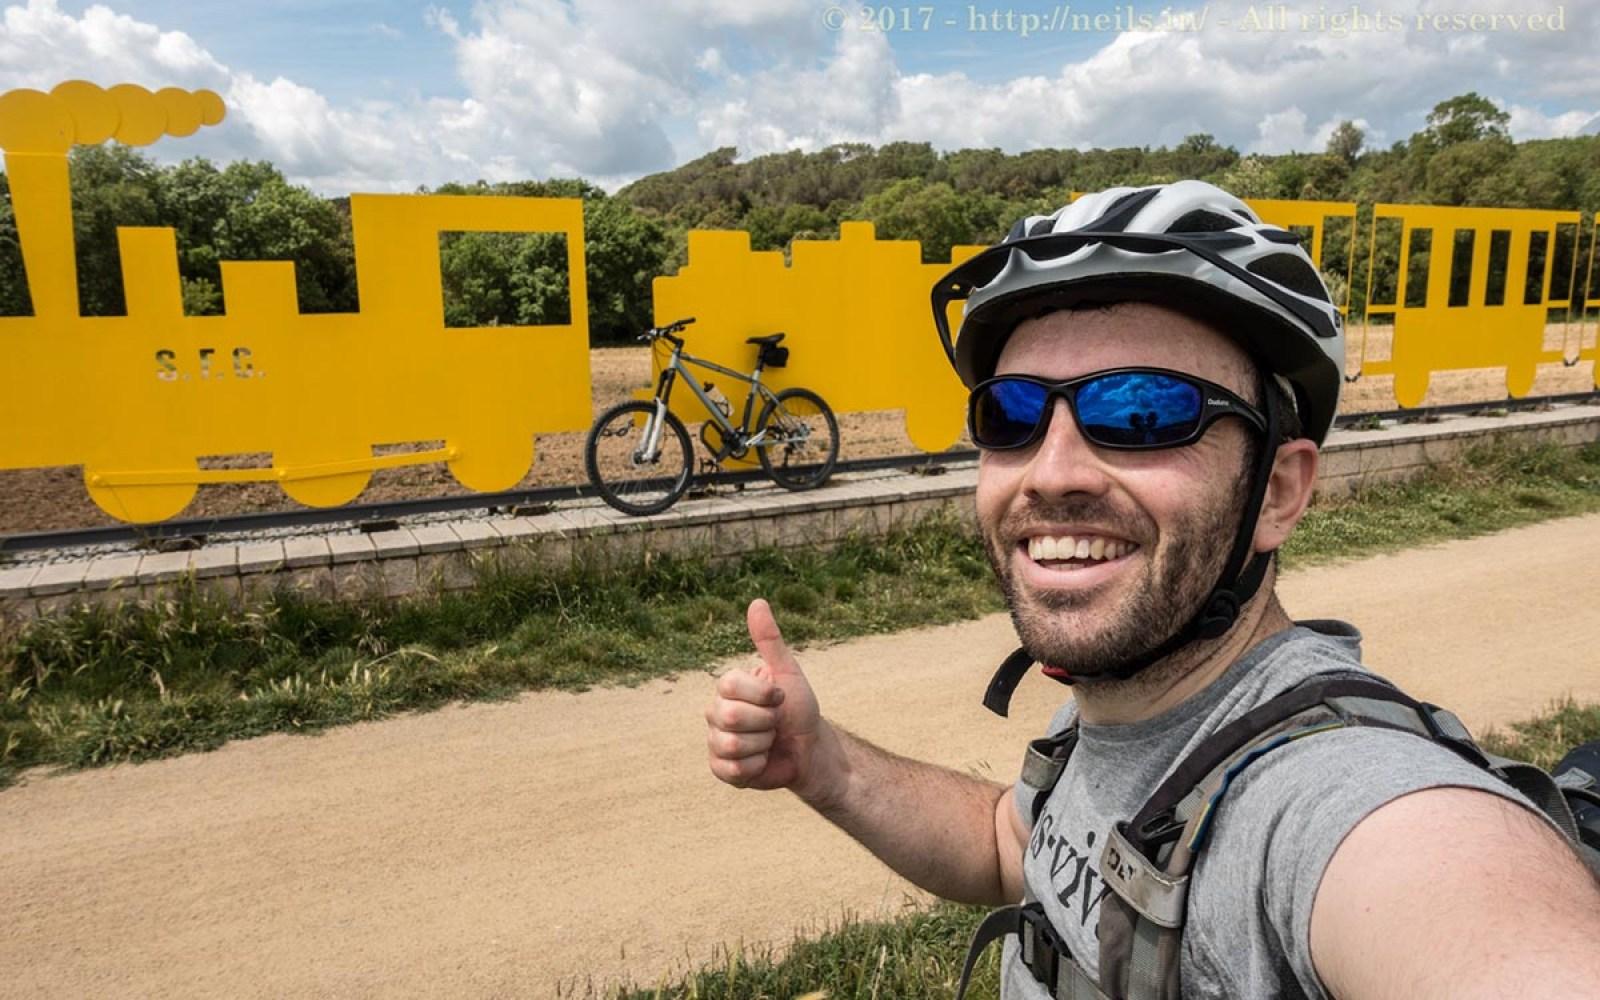 Ruta del Carrilet - Train sculpture along the way